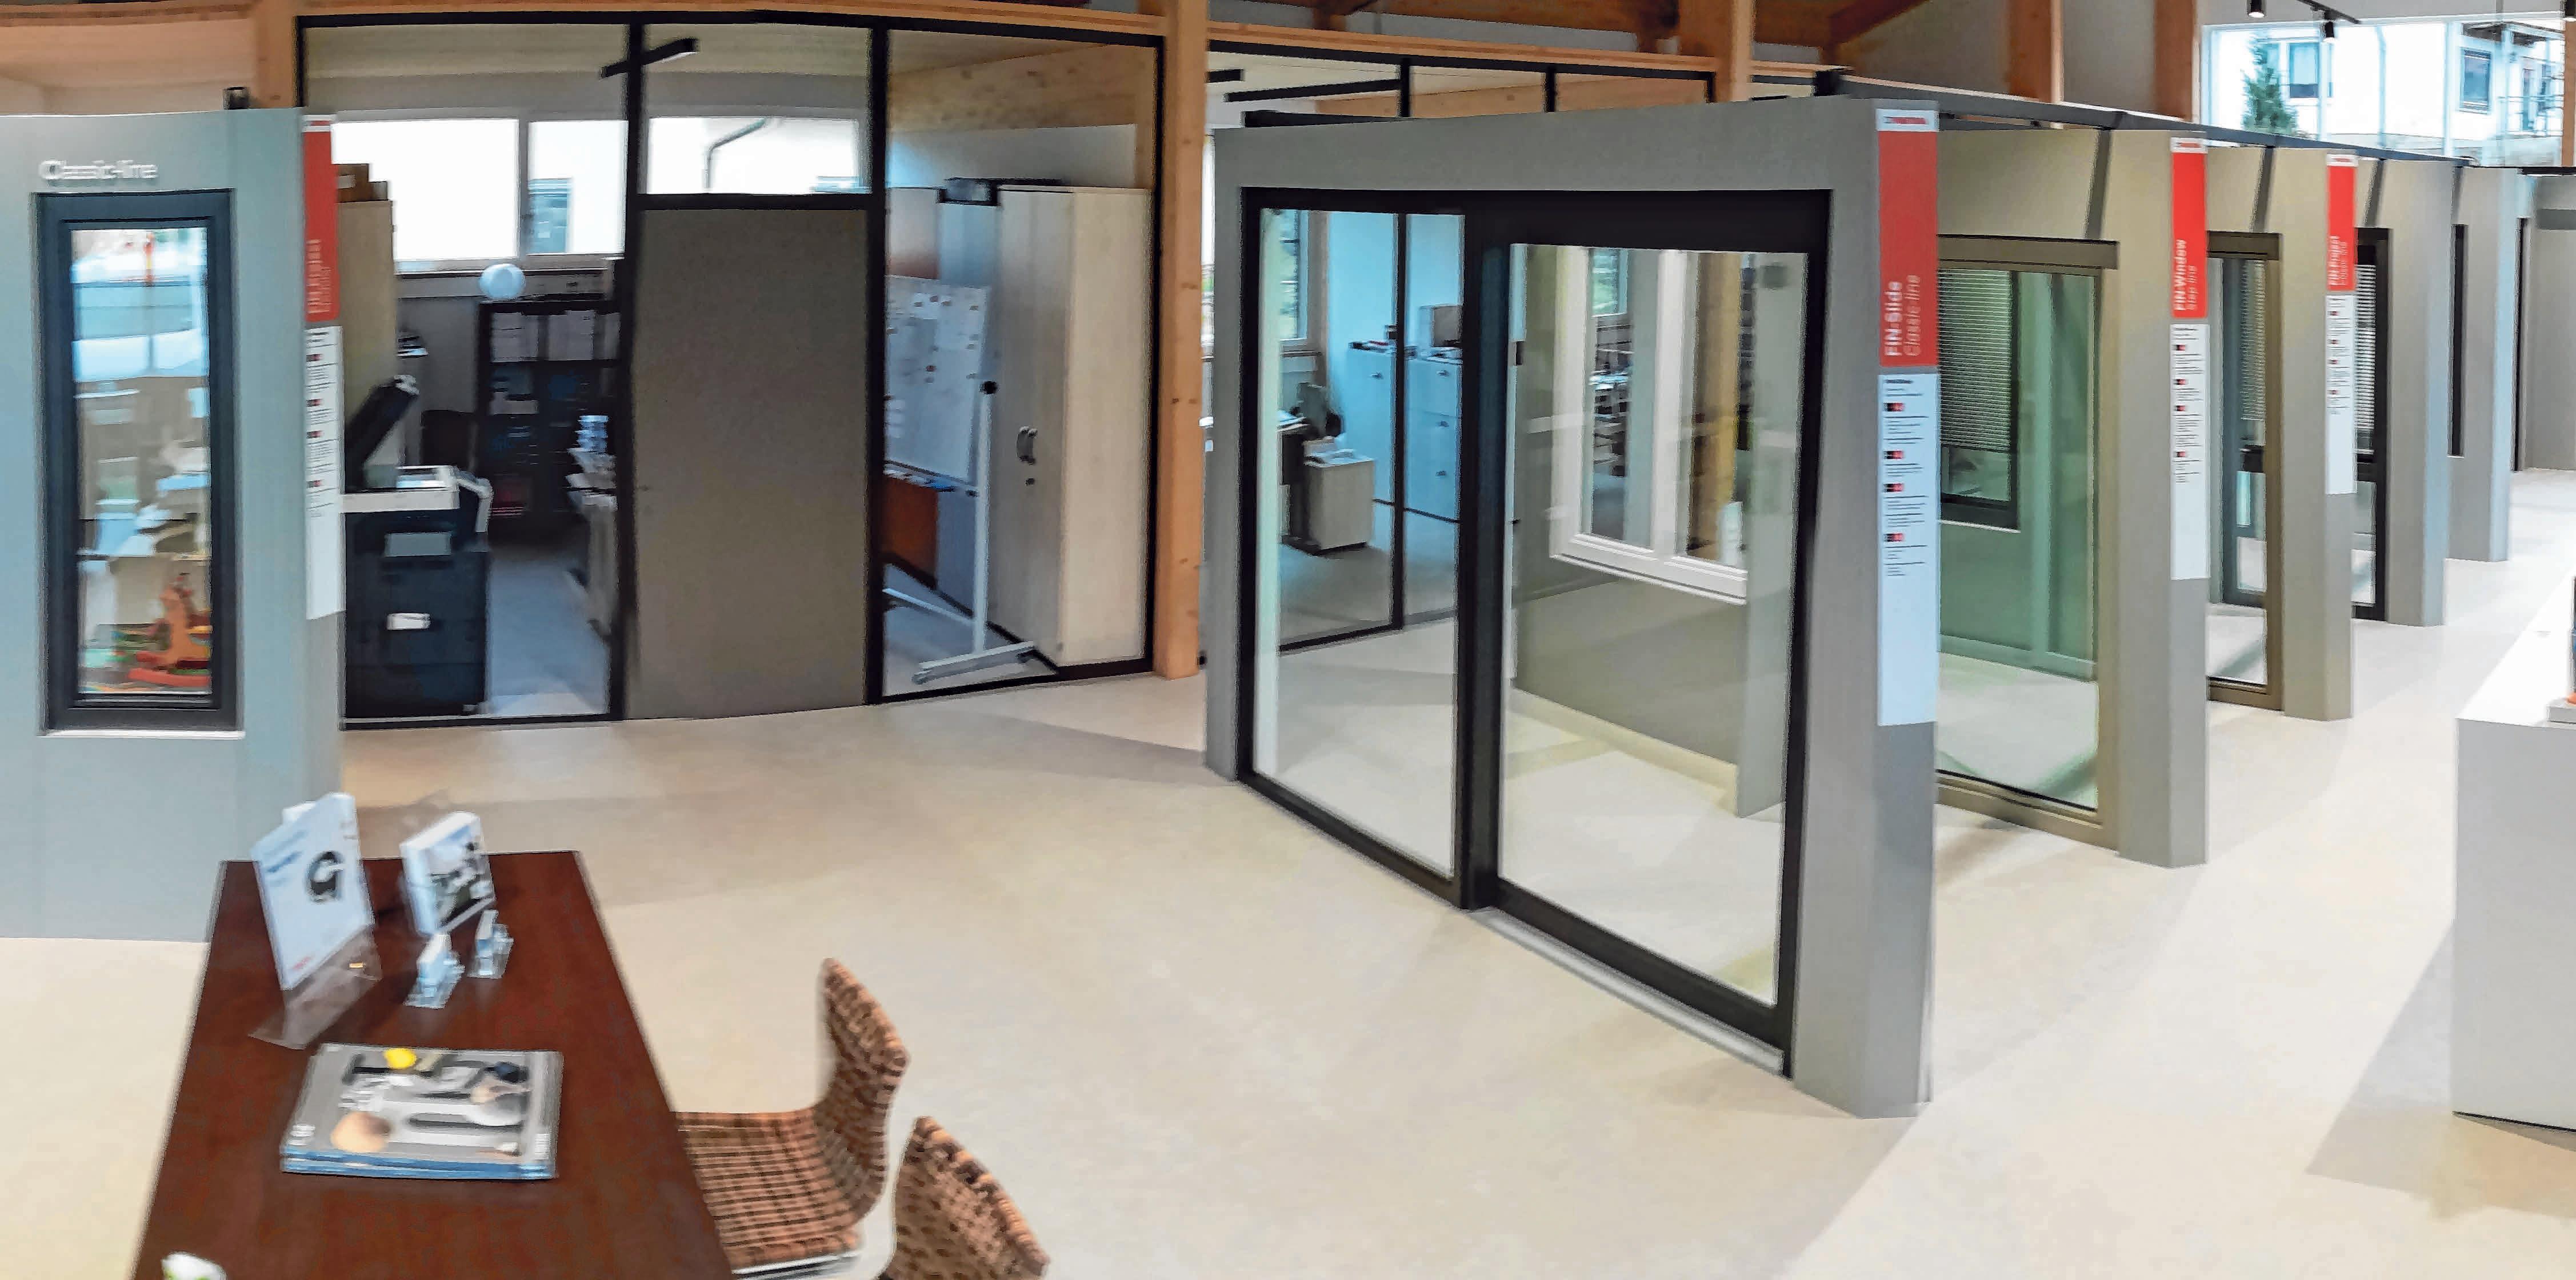 Die Verkaufs- und Bürofläche der Firma Stempfle erstreckt sich über 300 Quadratmeter. FOTOS: FIRMA STEMPFLE